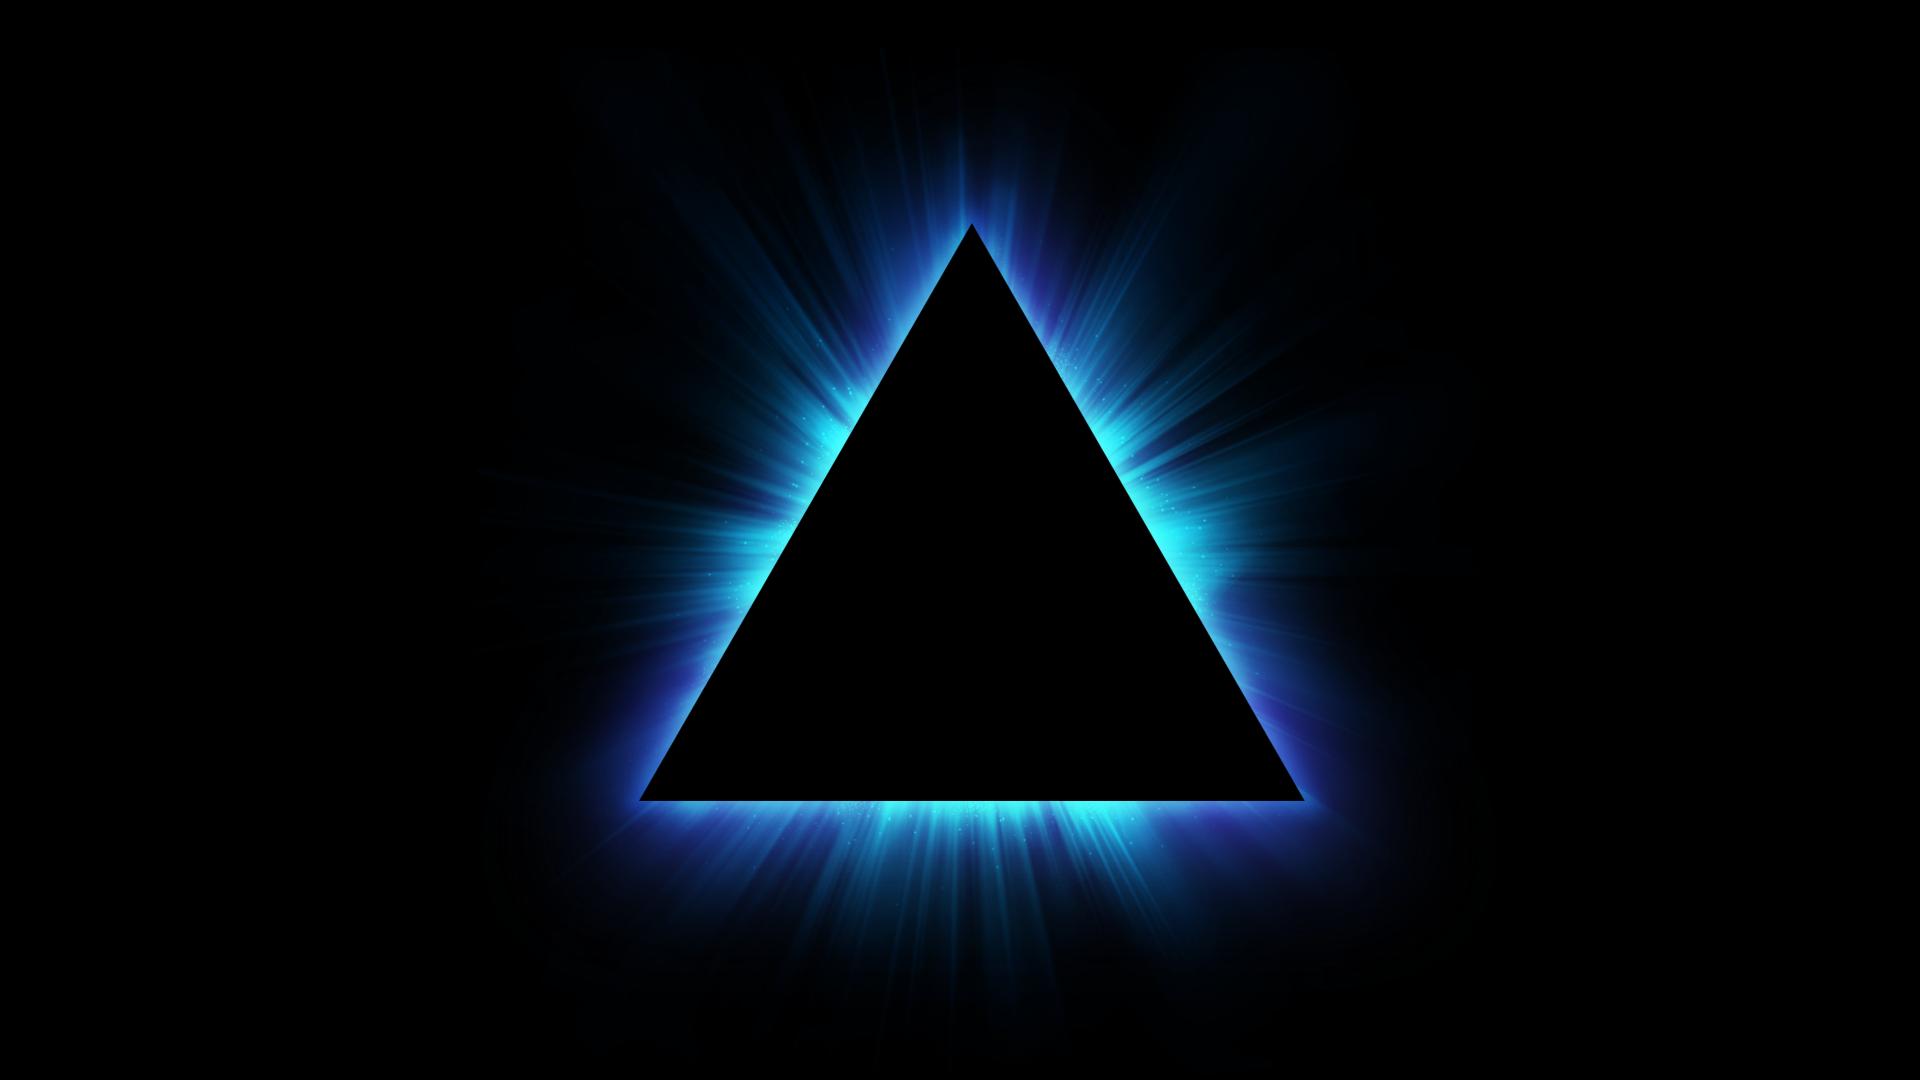 Illuminati Triangle Wallpaper